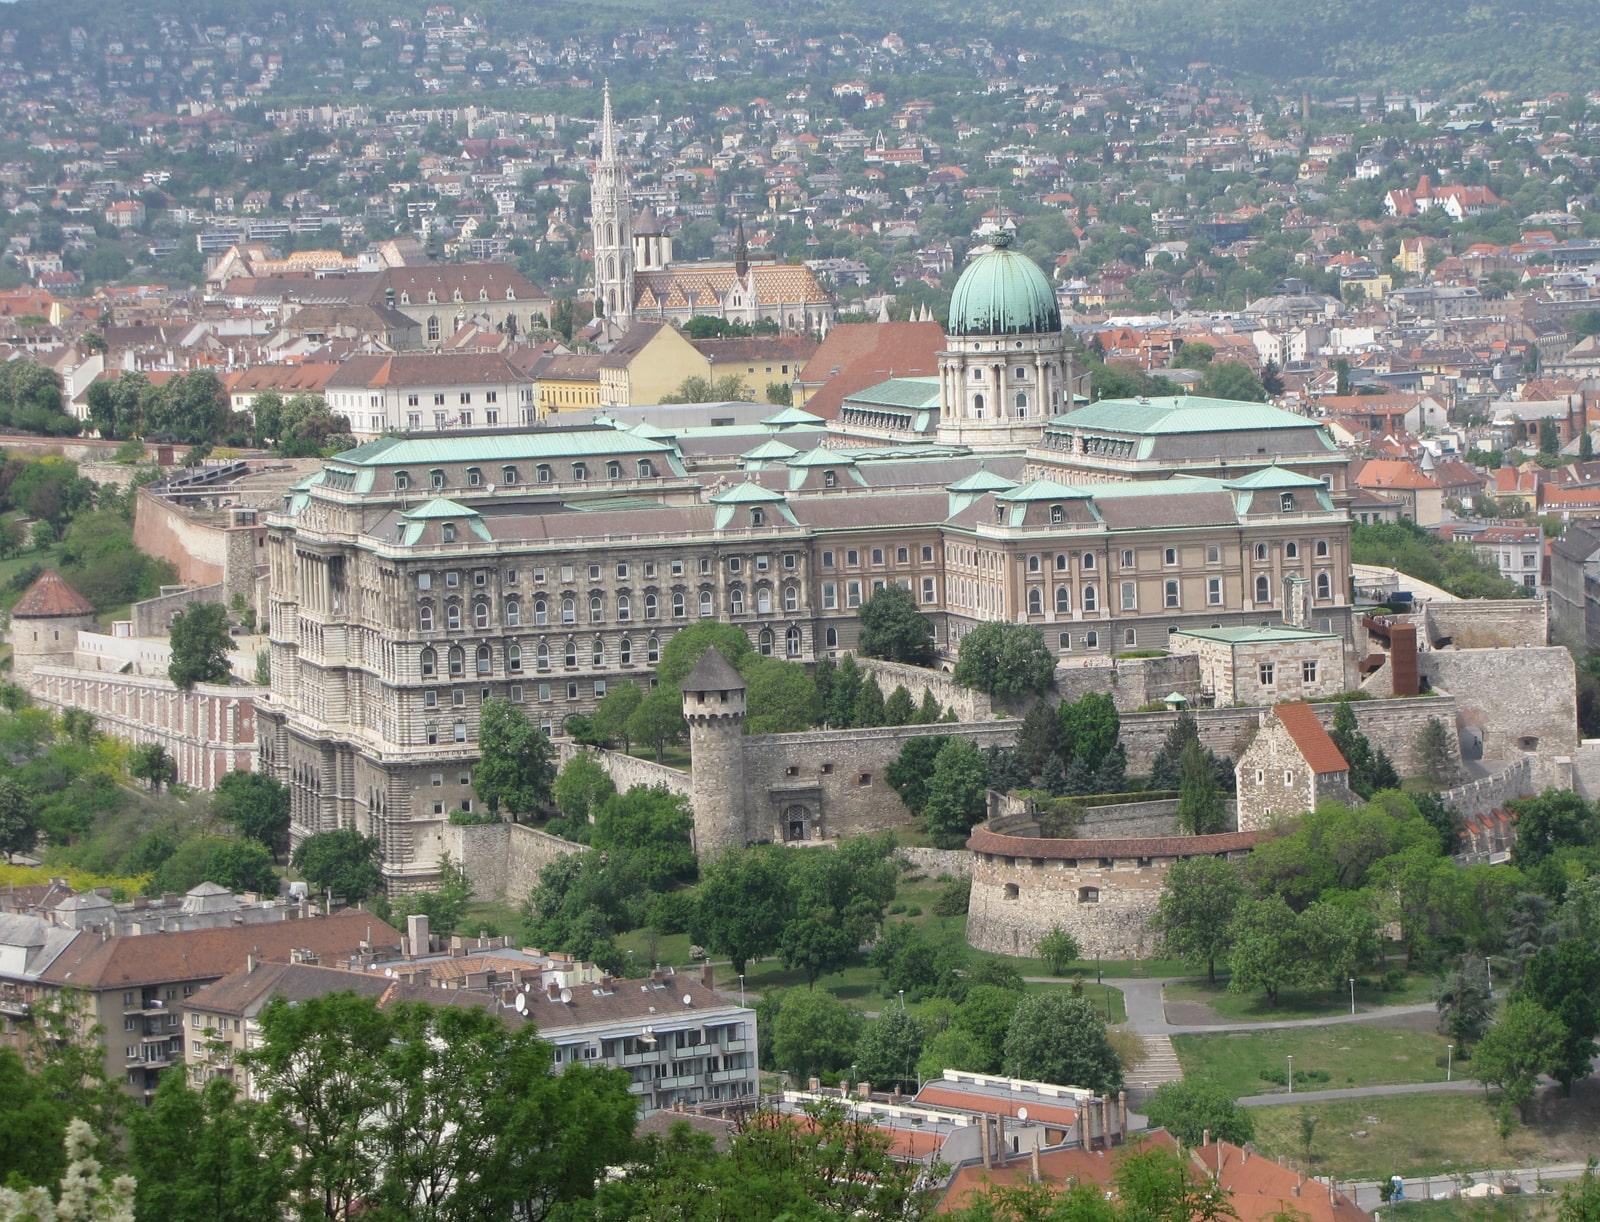 Budimpešta, Budimski dvorac, Budapest, Buda castle